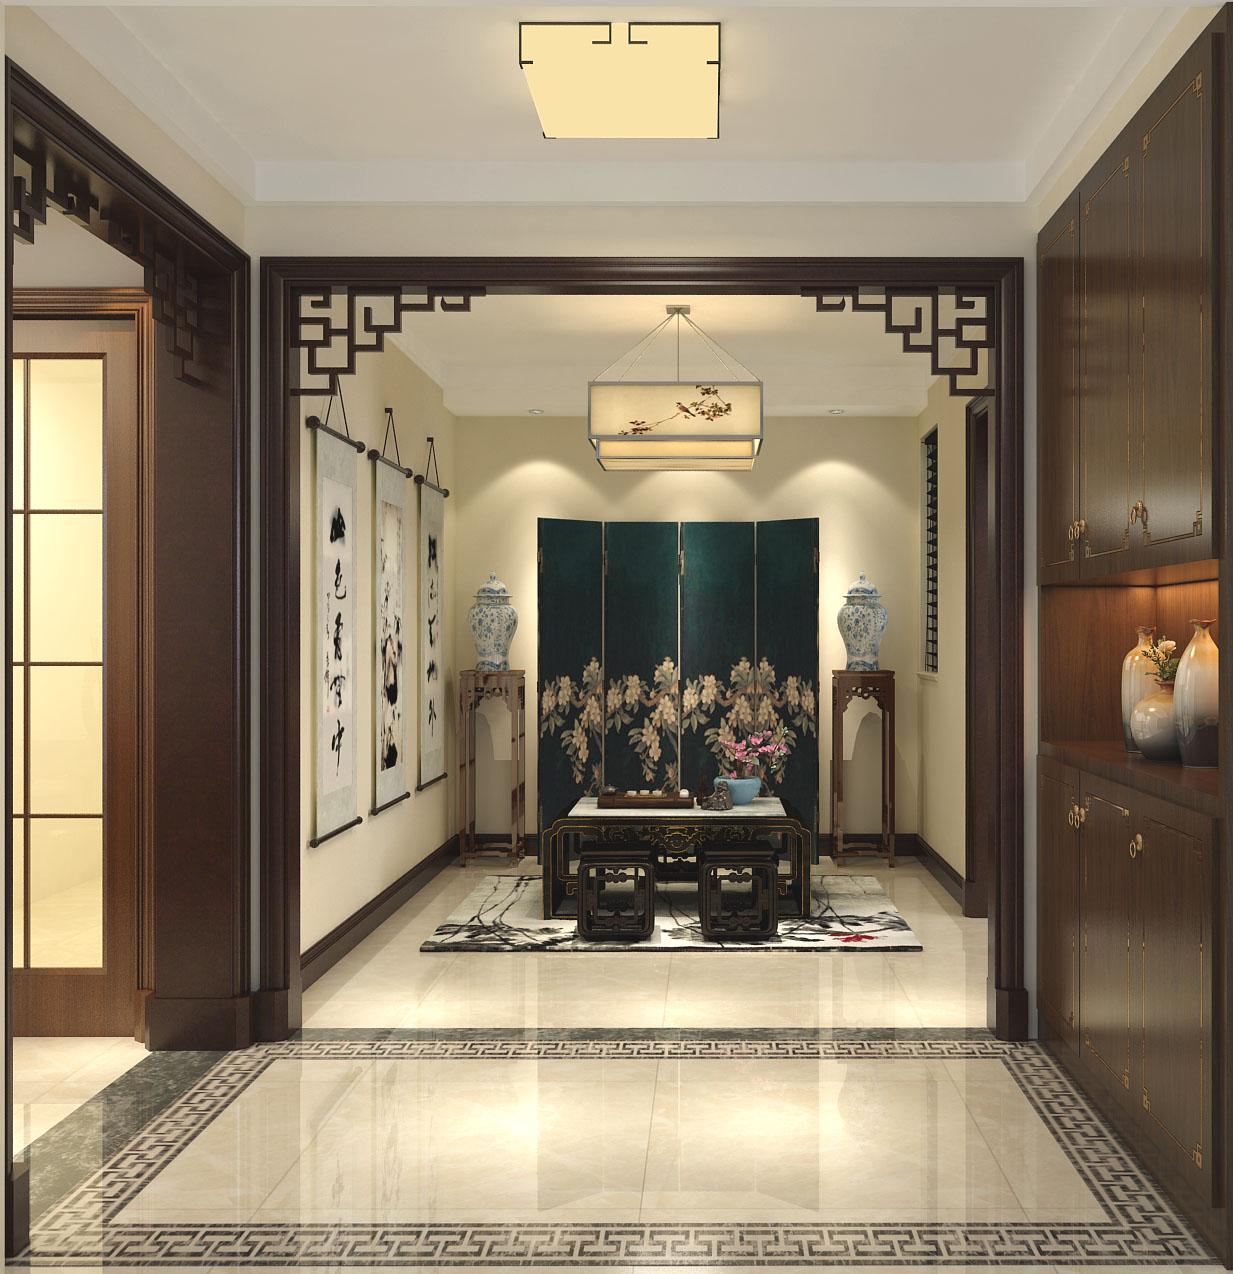 新中式 中式 混搭 三居 白领 收纳 80后 小资 玄关图片来自圣奇凯尚室内设计工作室在圣奇凯尚装饰-首开香溪郡新中式的分享